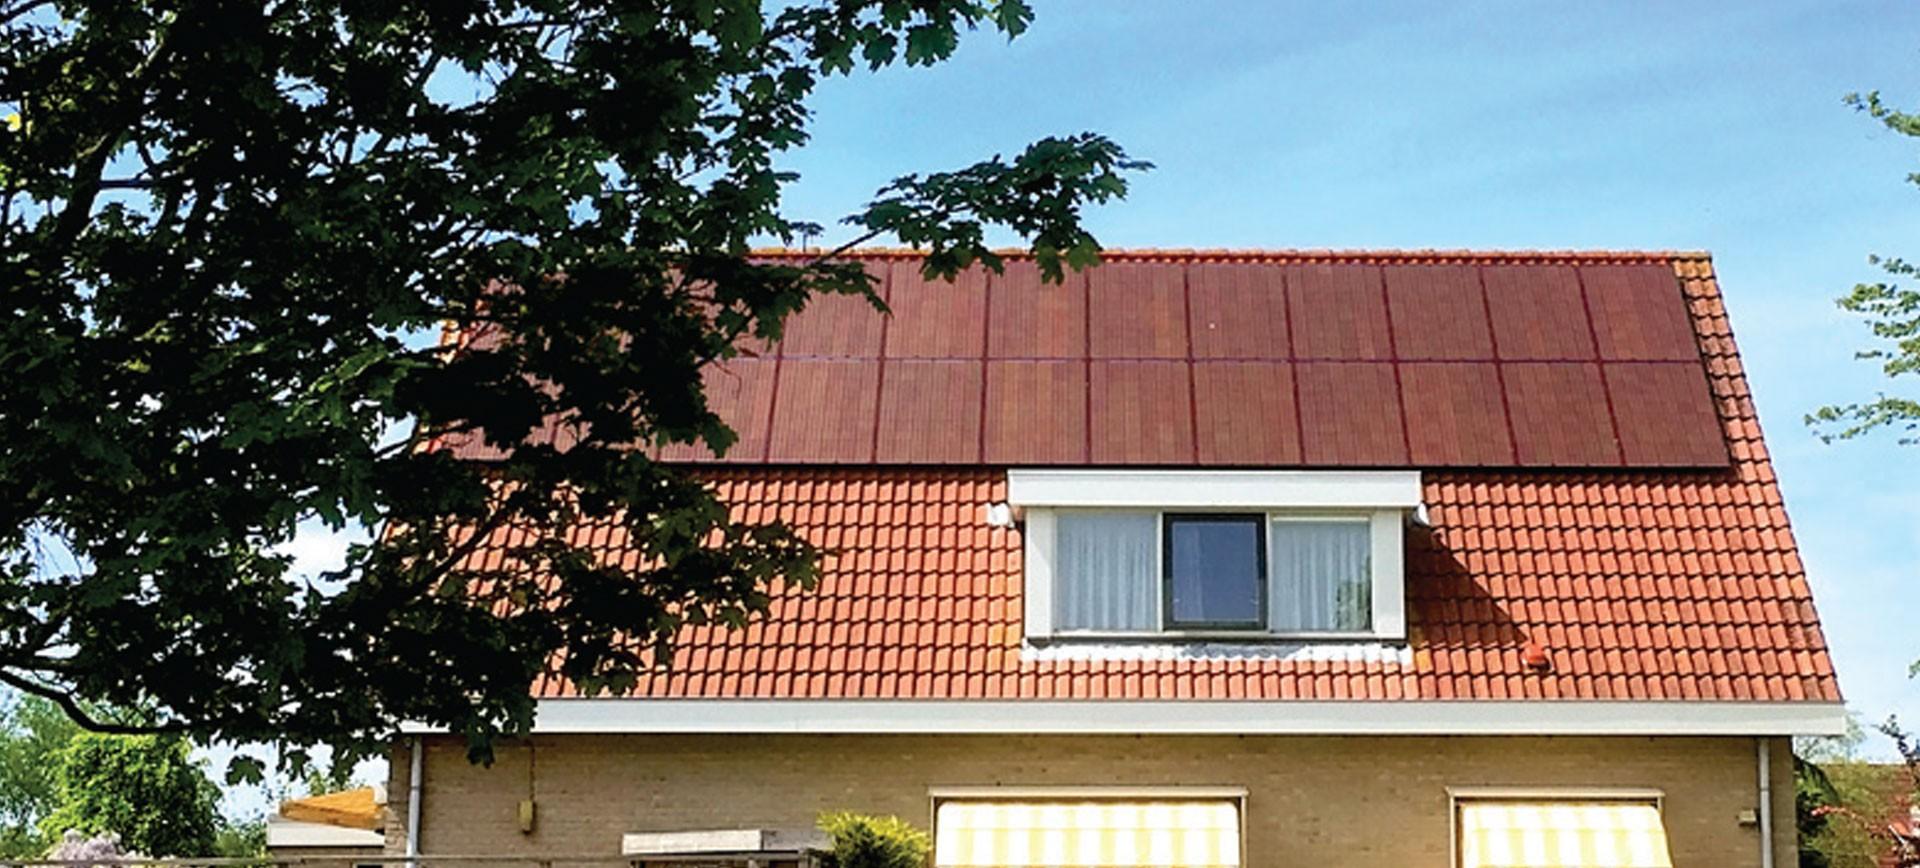 Sur cette image nous pouvons voir une installation solaire en surimposition avec des panneaux solaire BISOL Spectrum. Ces panneaux solaires couleur tuiles s'intègrent parfaitement à l'environnement naturel de votre maison